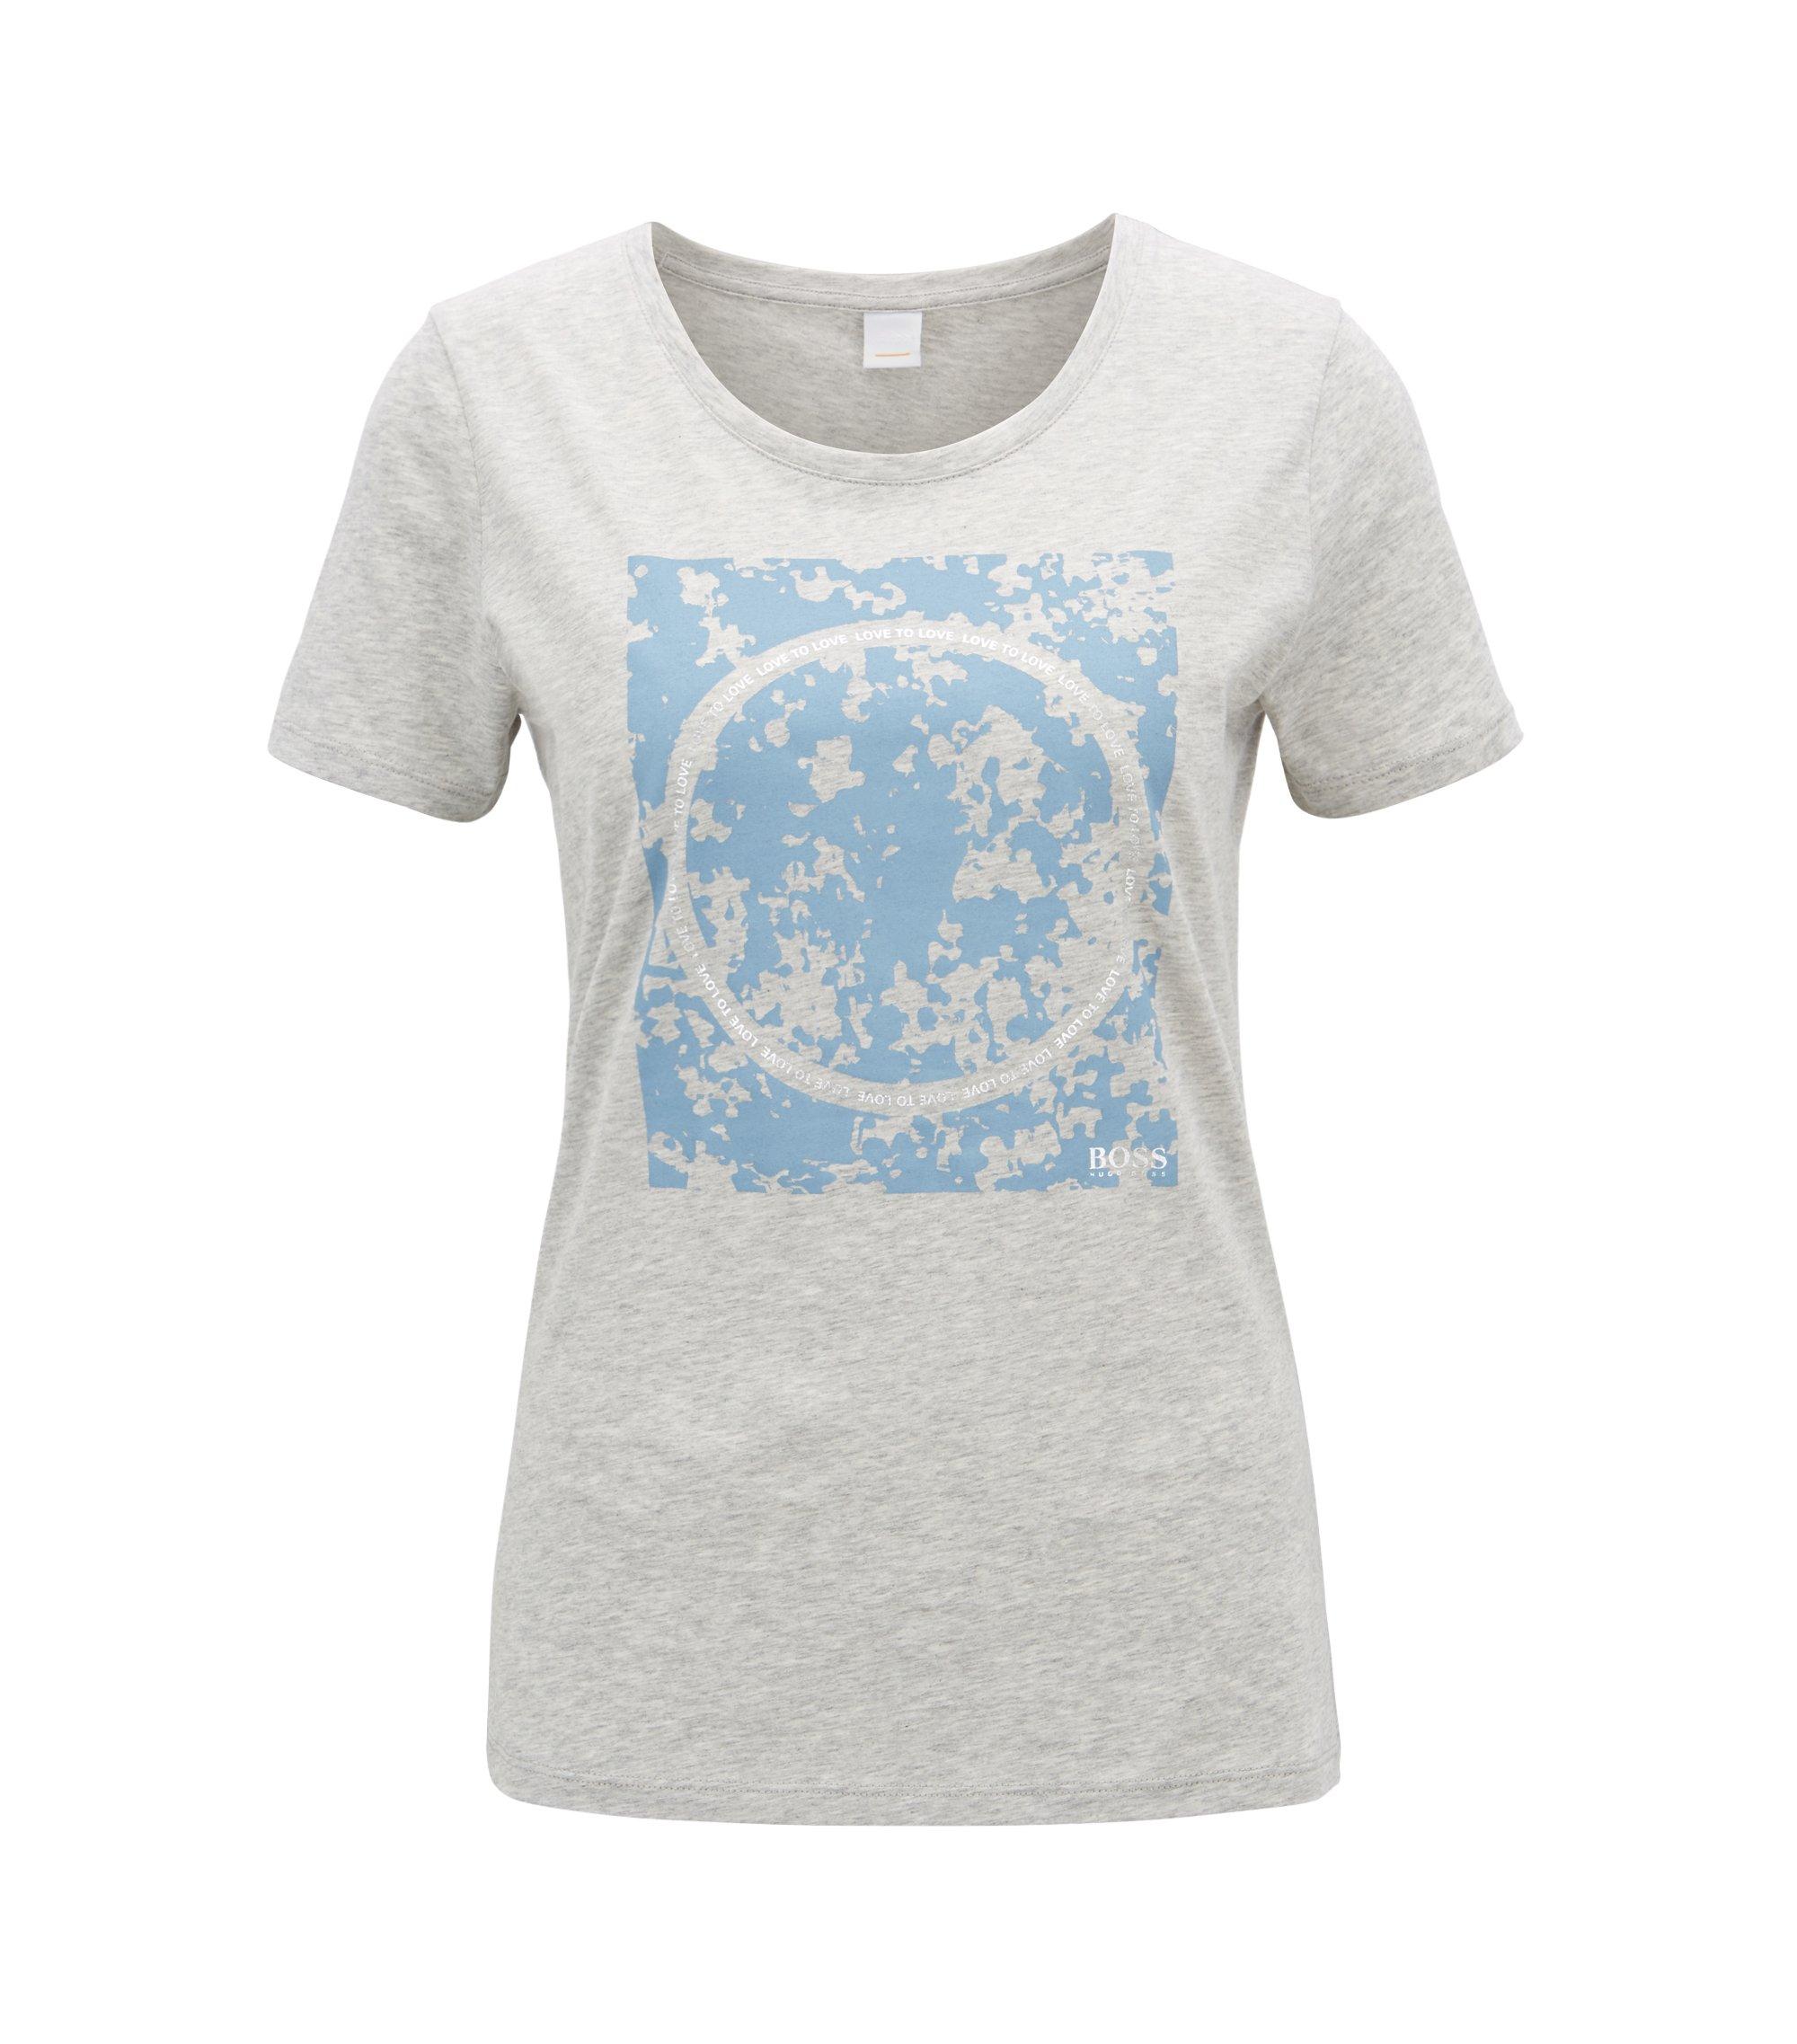 Slim-Fit T-Shirt aus Baumwolle mit Print, Hellgrau